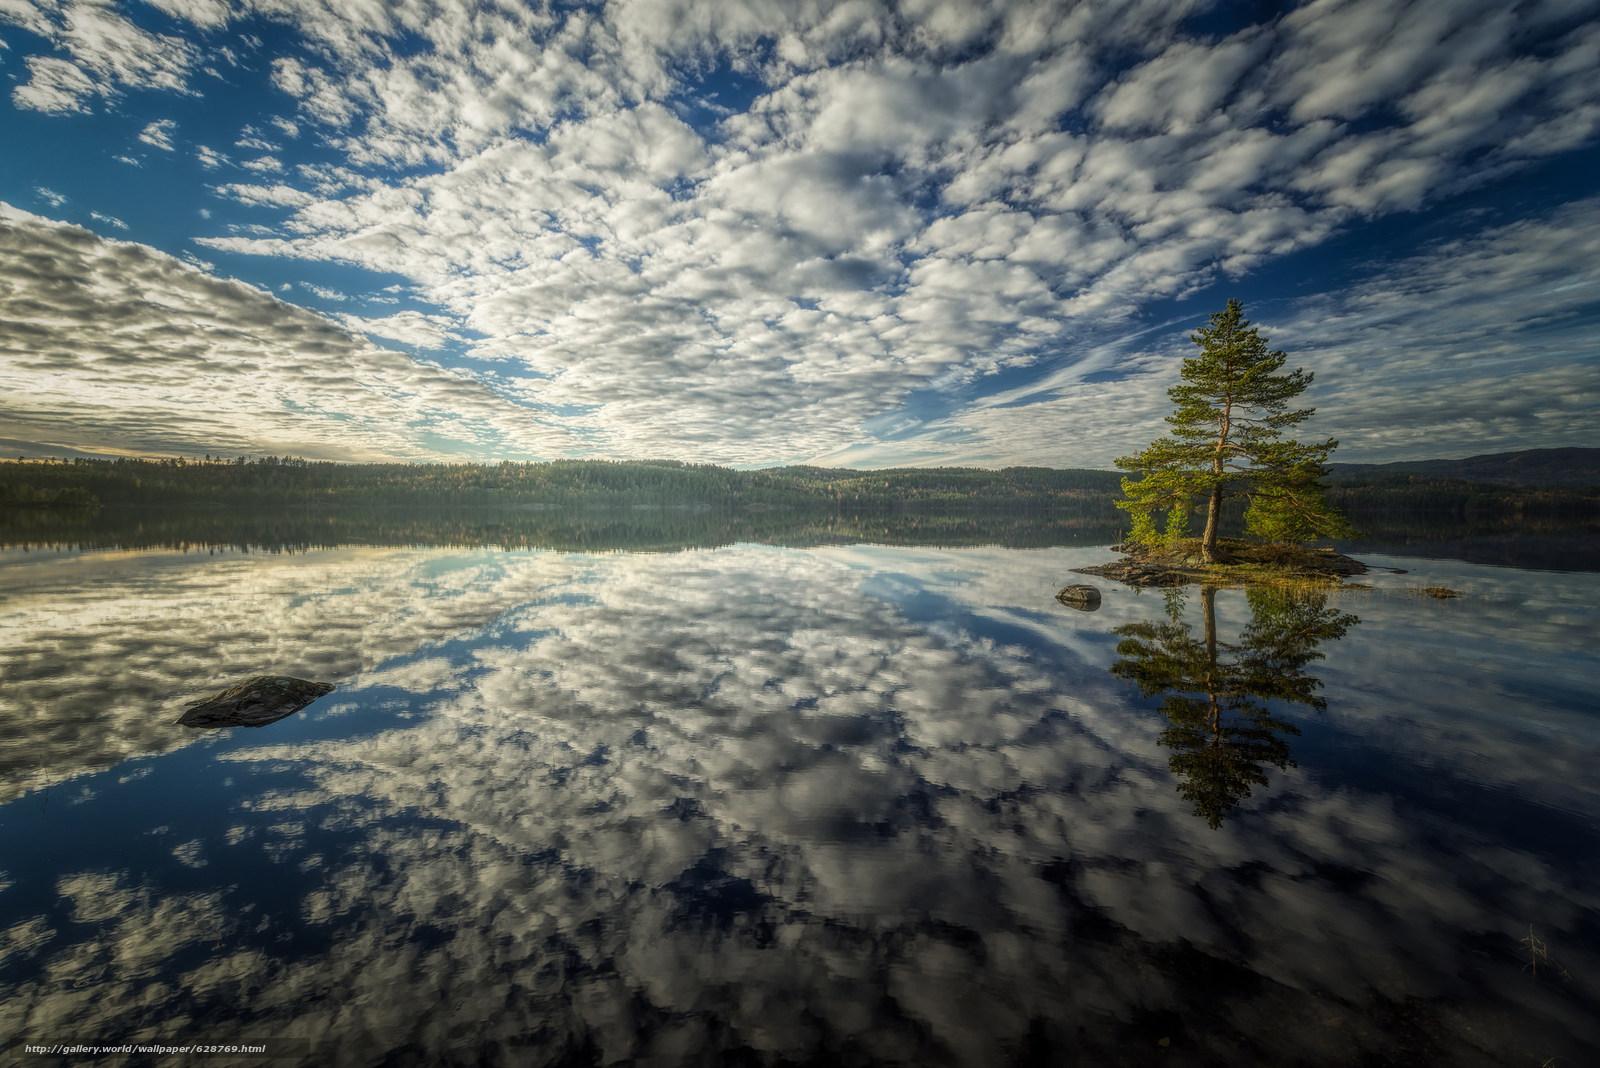 pinho, ?rvore, ?gua, ilha, ba?a, c?u, Nuvens, reflex?o